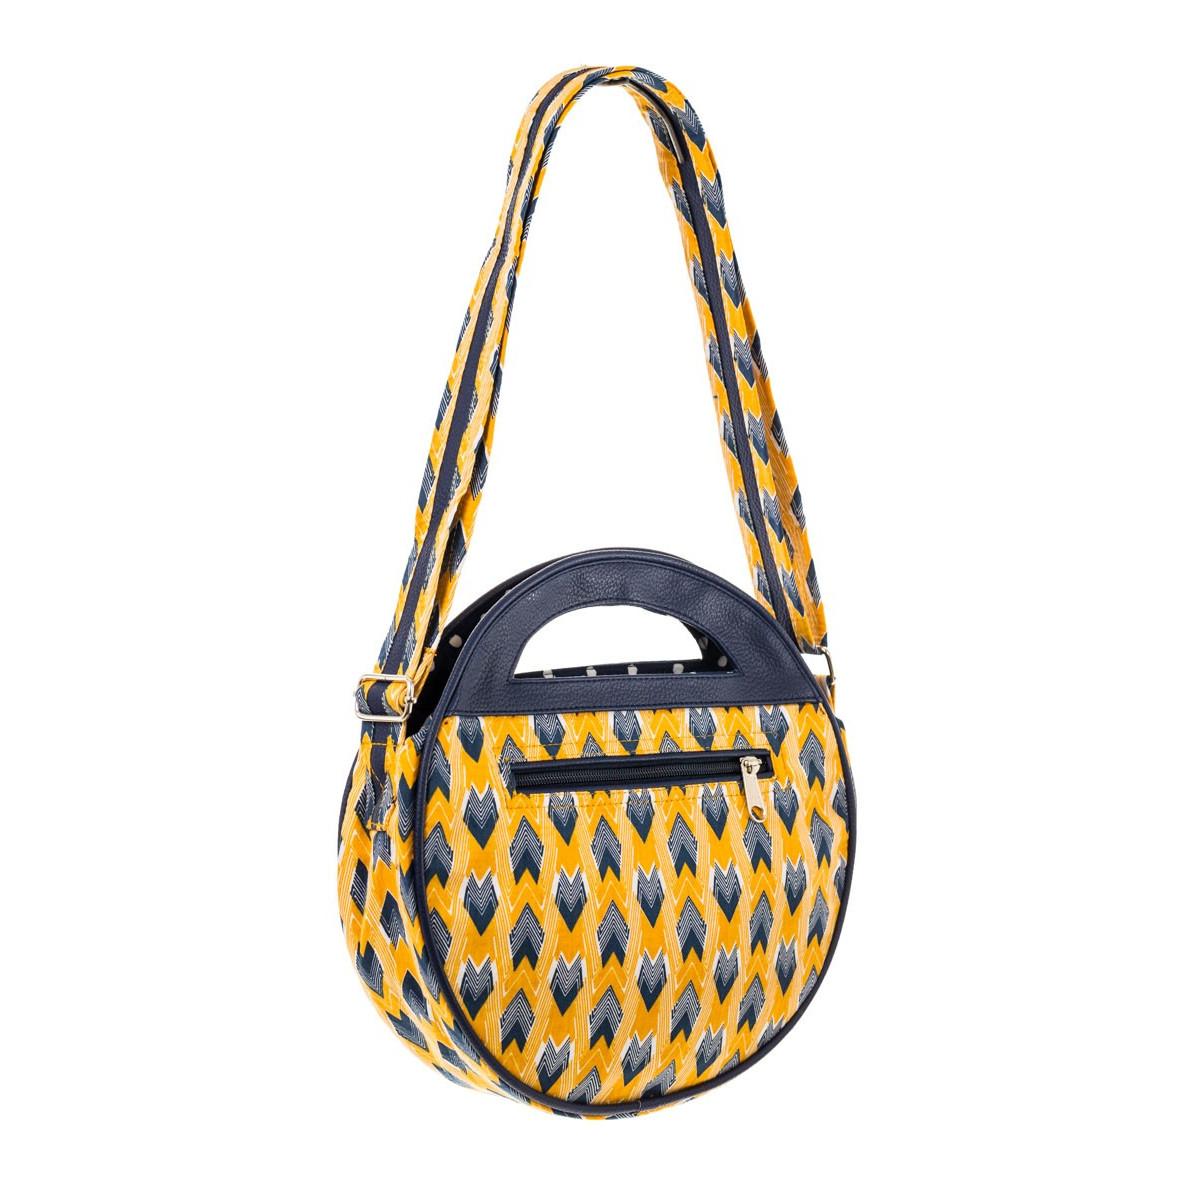 Sac femme bandoulière rond tissu créateur jaune et bleu